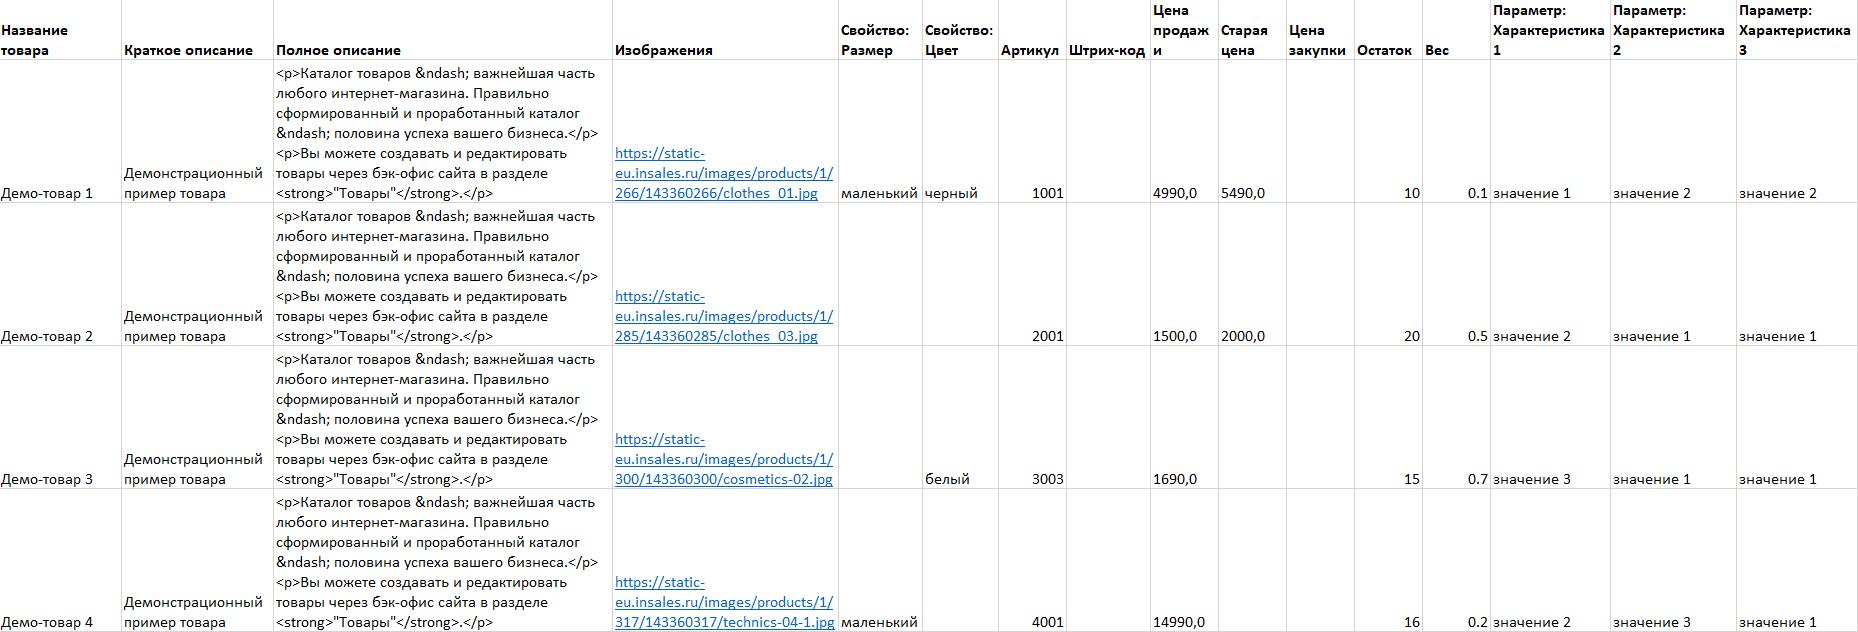 Пример структуры файла для импорта